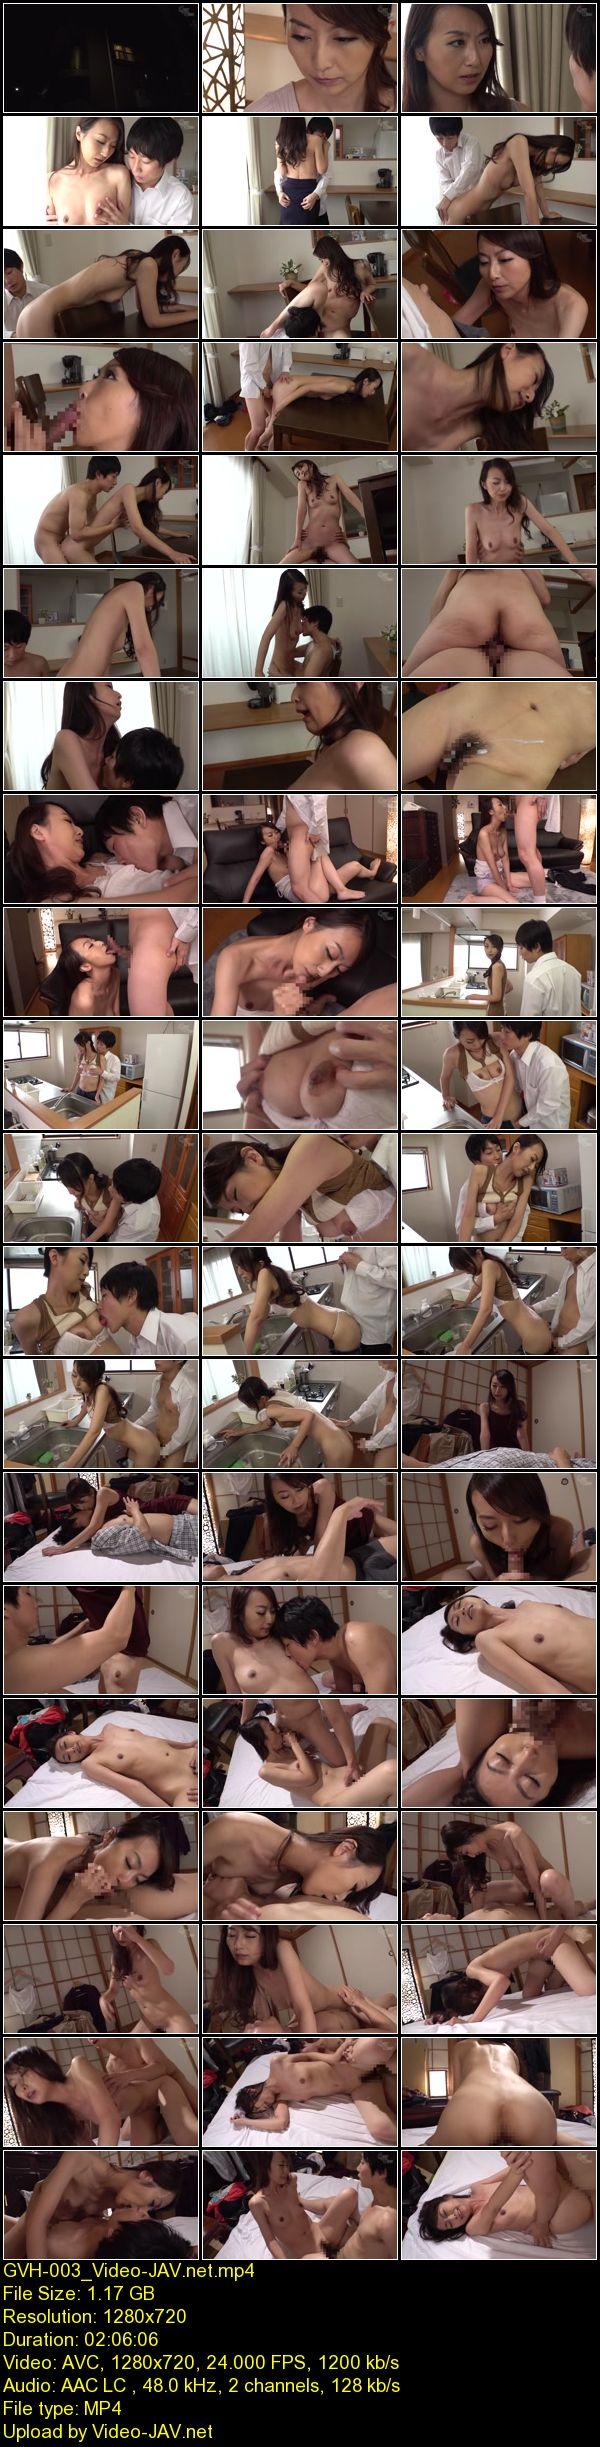 JAV Download Rei Aoki [GVH 003] 母子姦 息子への愛情不足をセックスで償う美人母 豆沢豆太郎 近親相姦 2020 01 02